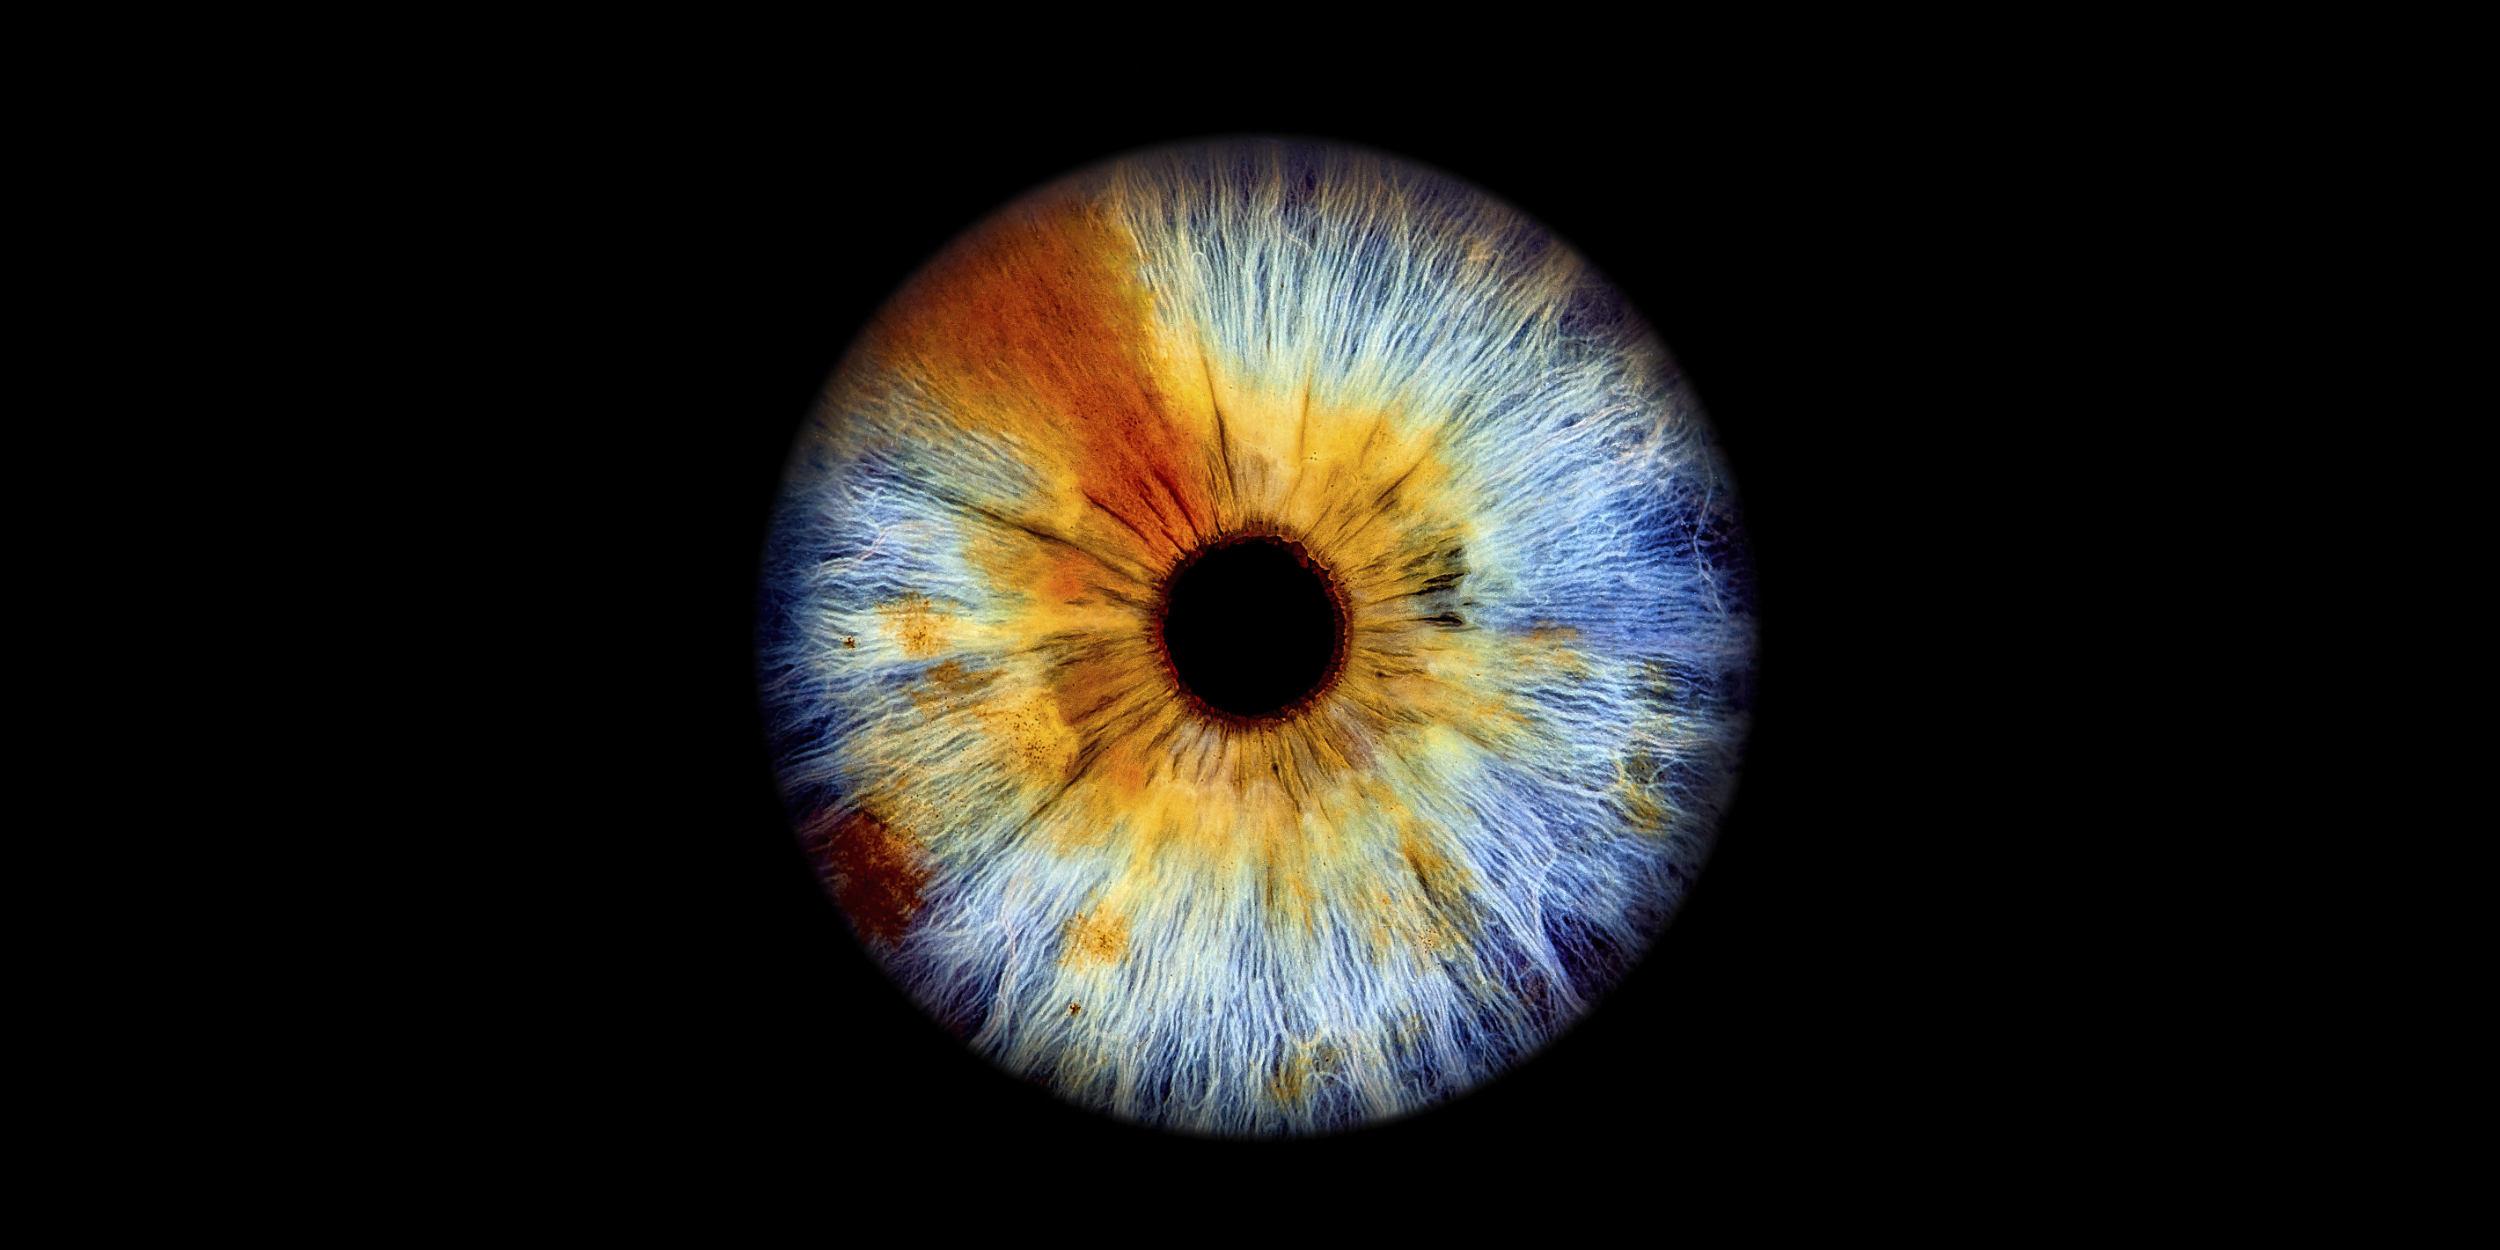 Iris Fotografie Schorndorf Stuttgart das Tor zur Seele Kunstvoll verpackt einzigartiger als ein Fingerabdruck Regenbogenhaut das sehr persönliche Geschenk Kunst Kunstvoll hochauflösend